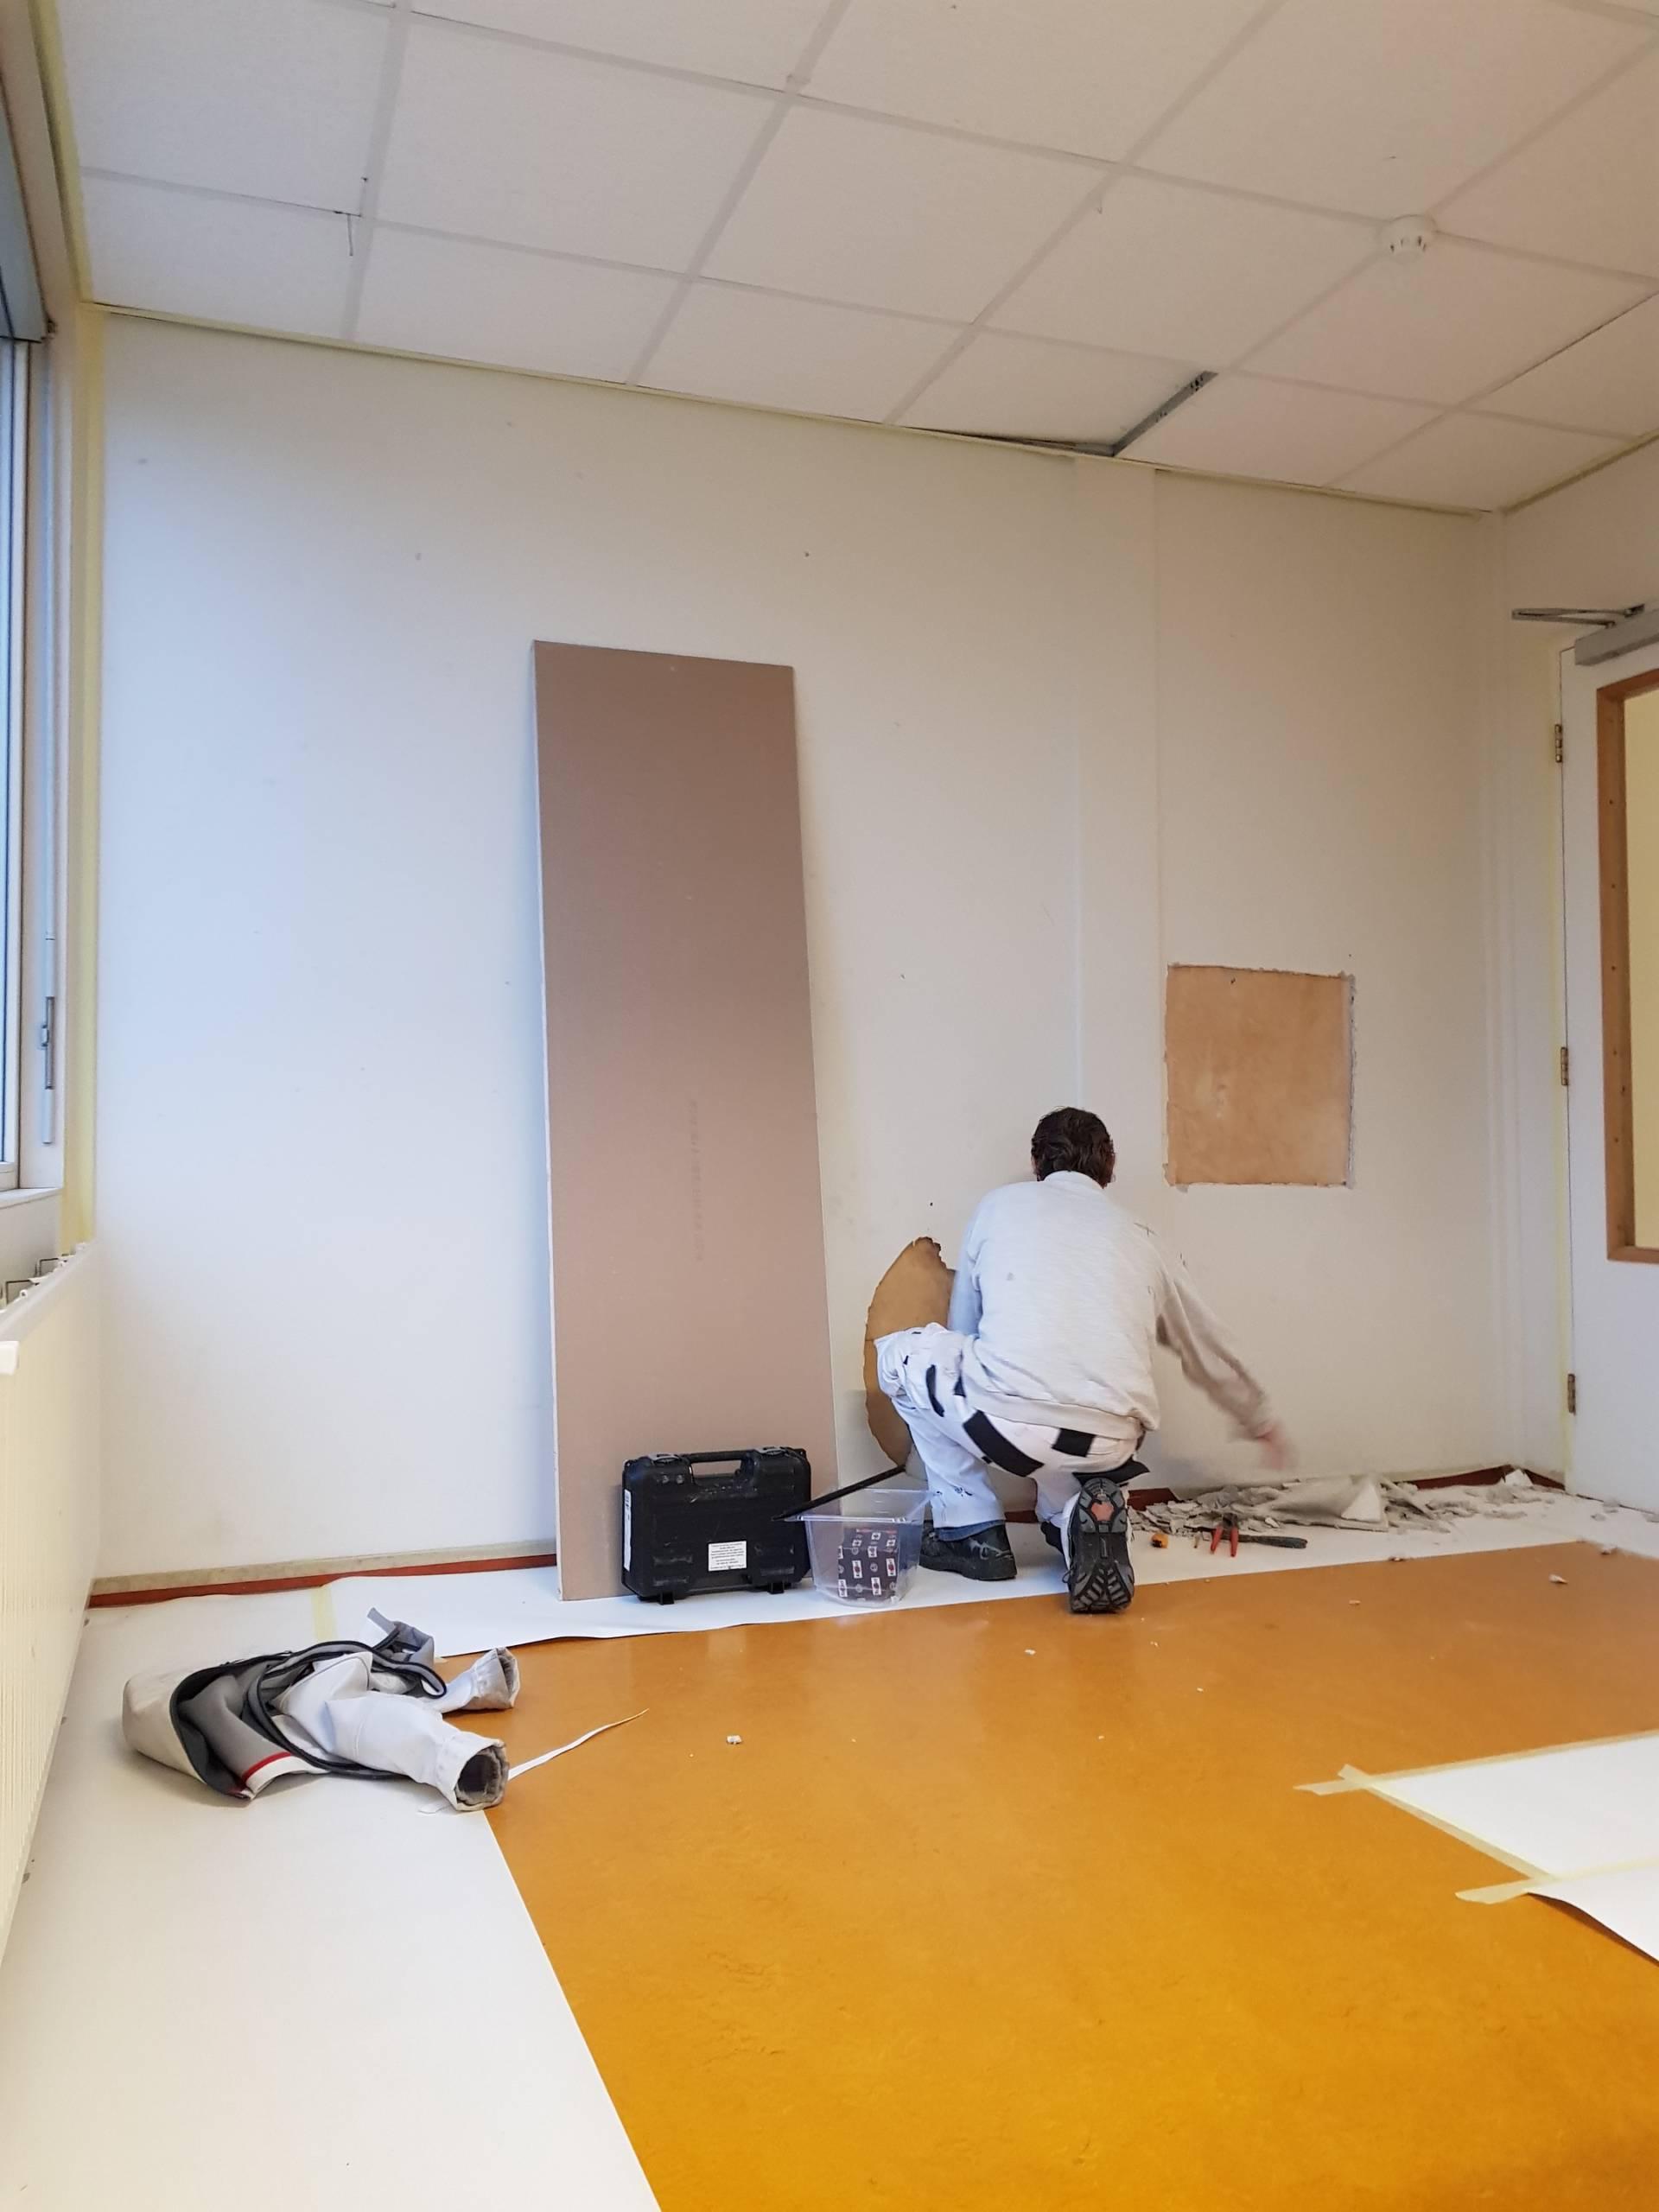 School Onderhoud & schilderwerk wanden voorbereiding